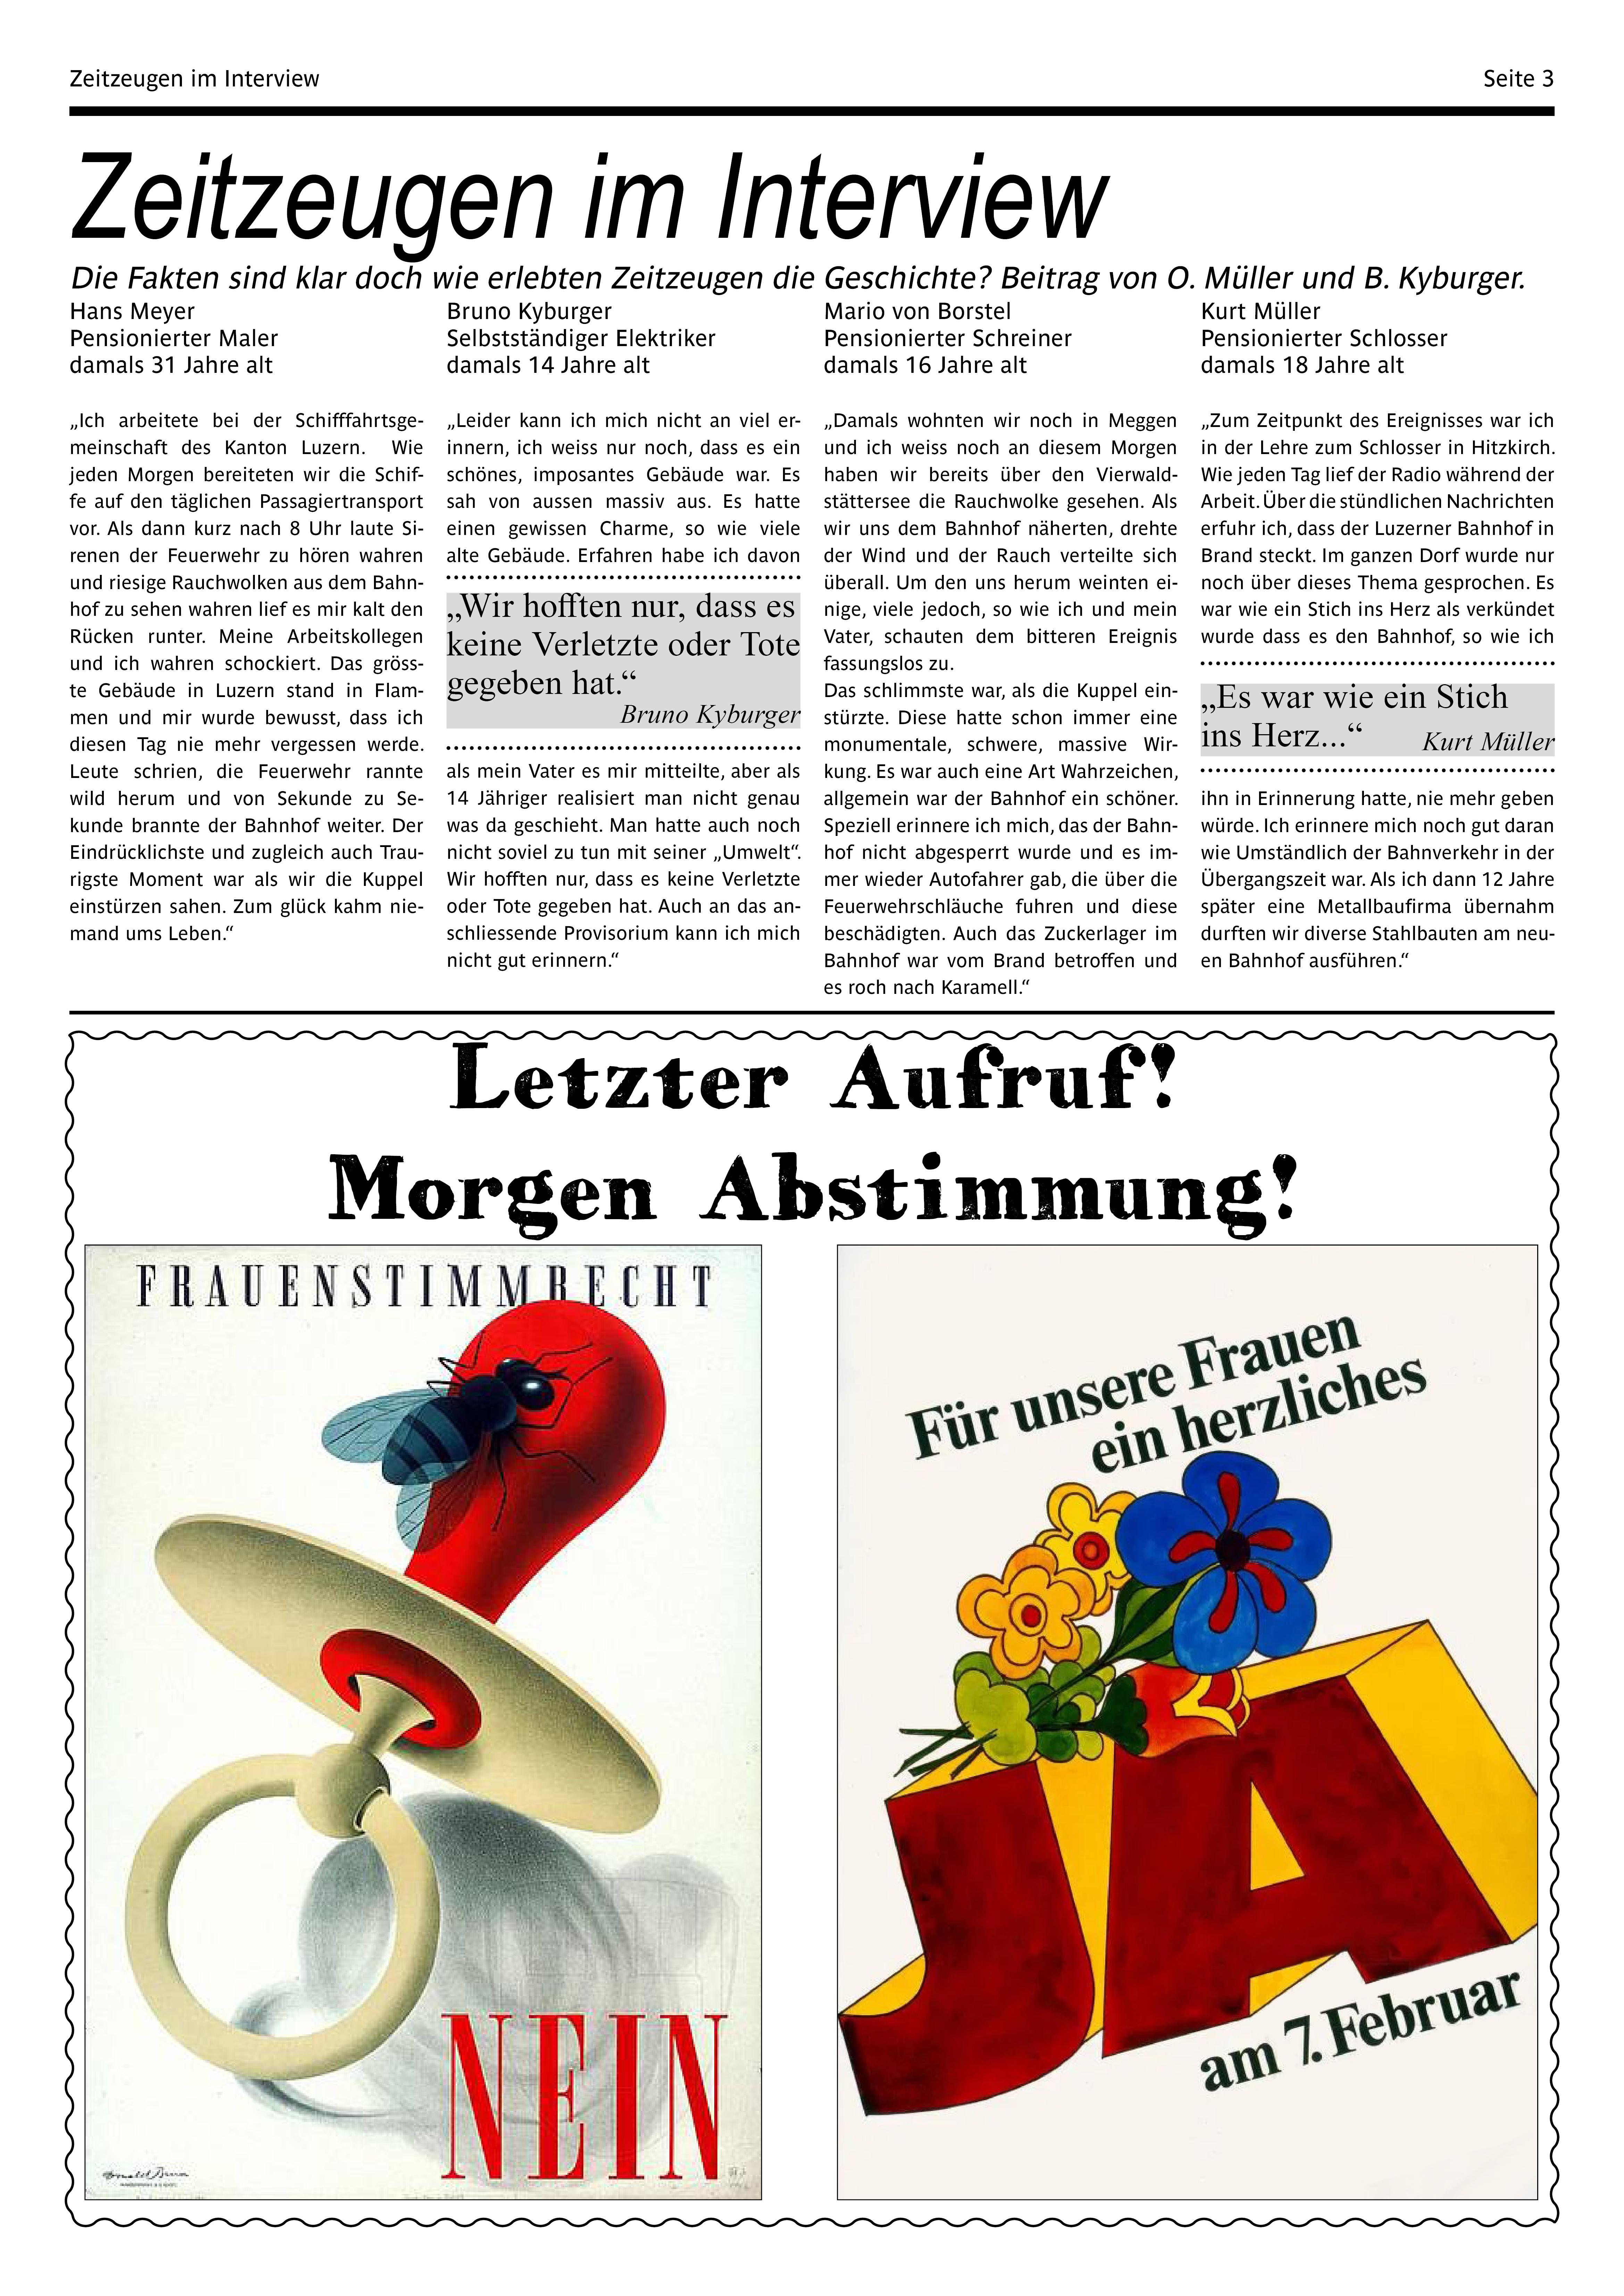 Zeitungartikel Seite 3